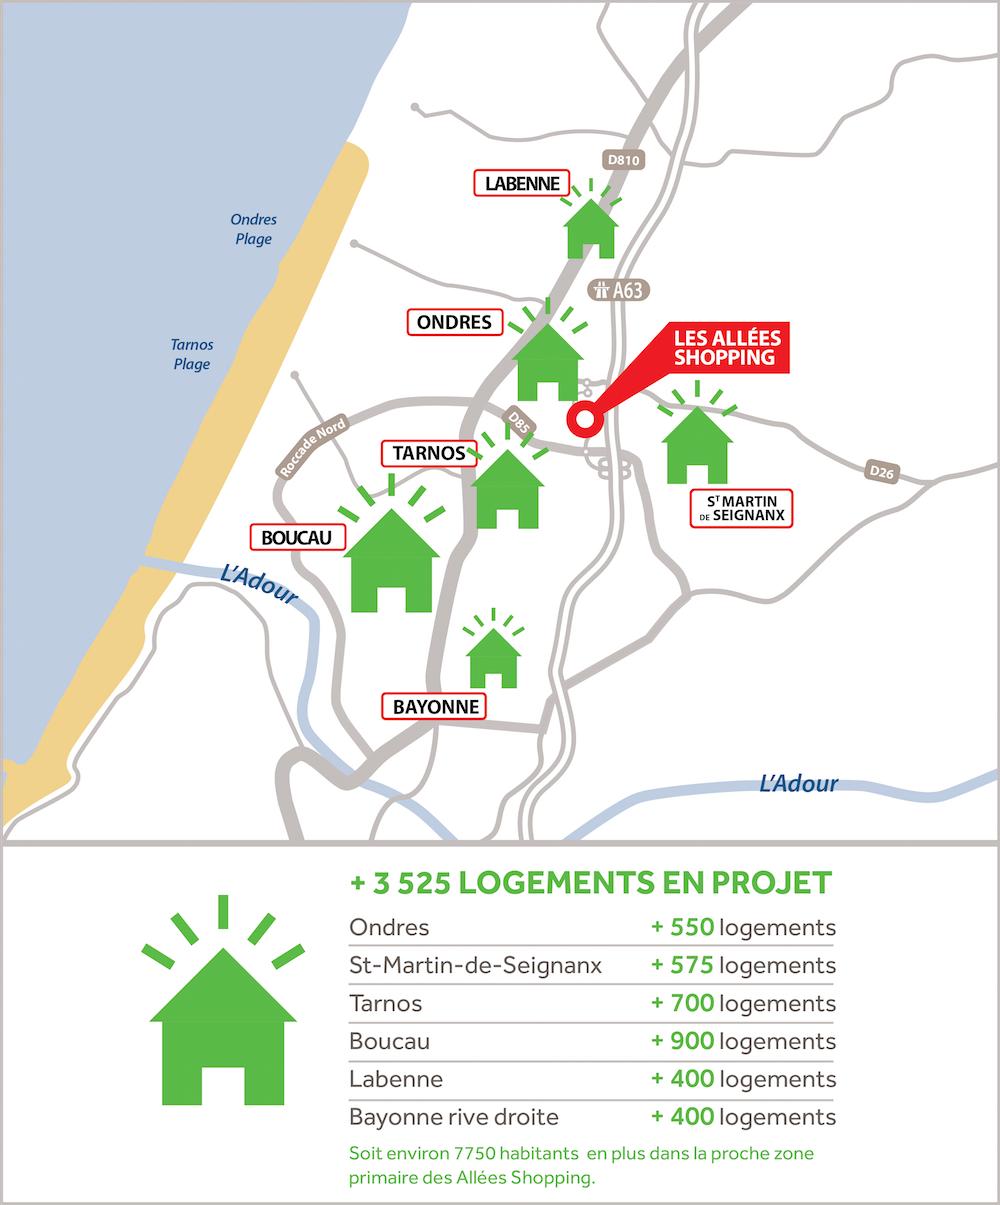 Nouveaux logements en projet